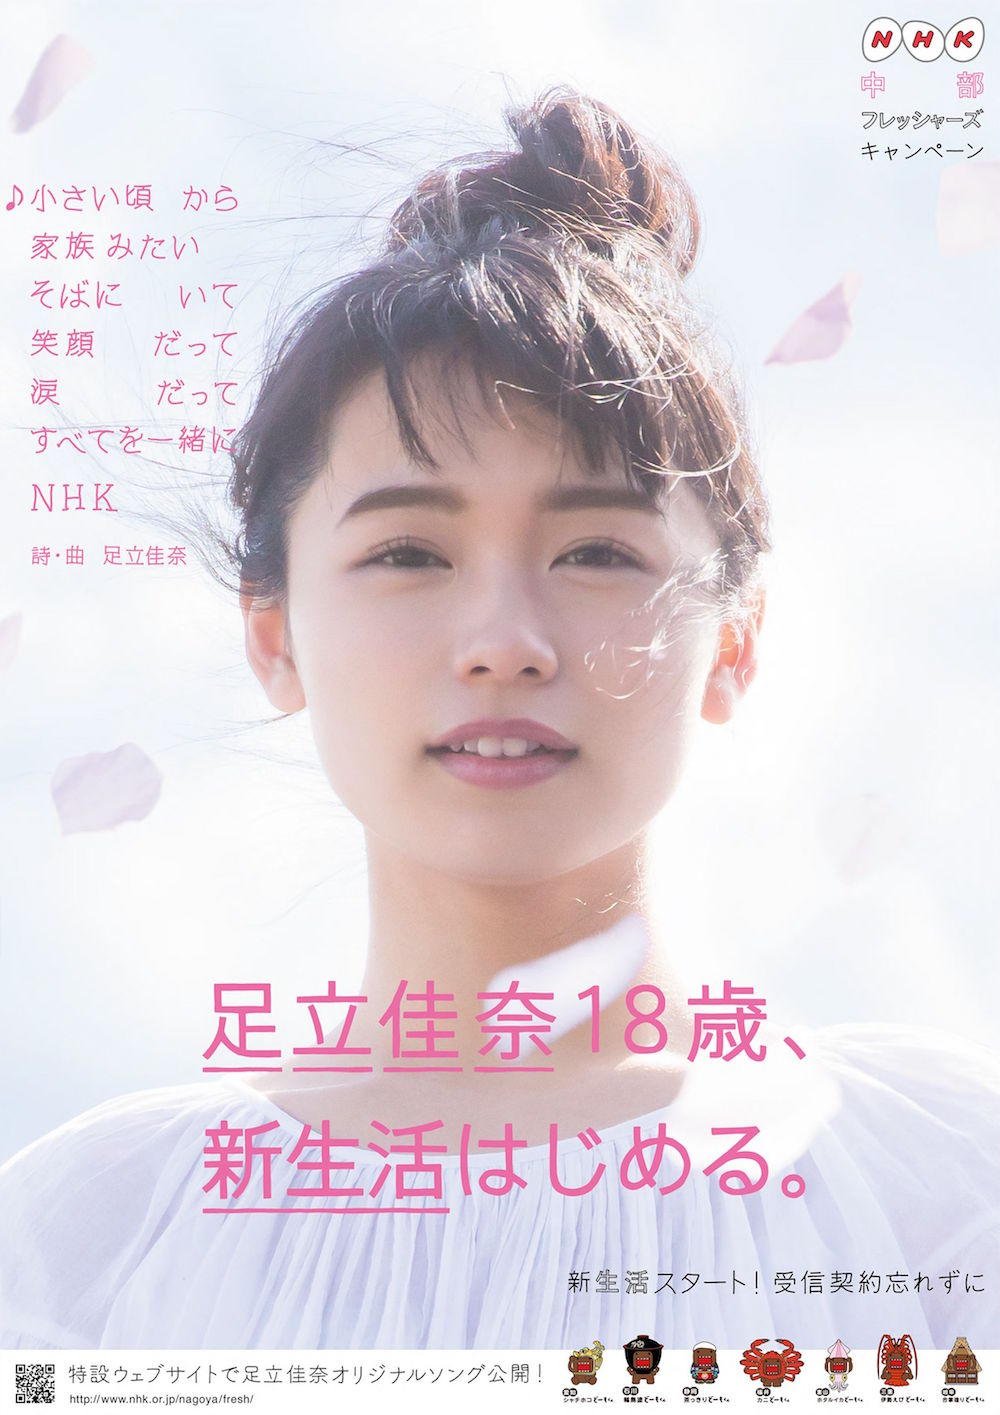 足立佳奈、NHK中部・フレッシャーズキャンペーンのイメージキャラクター